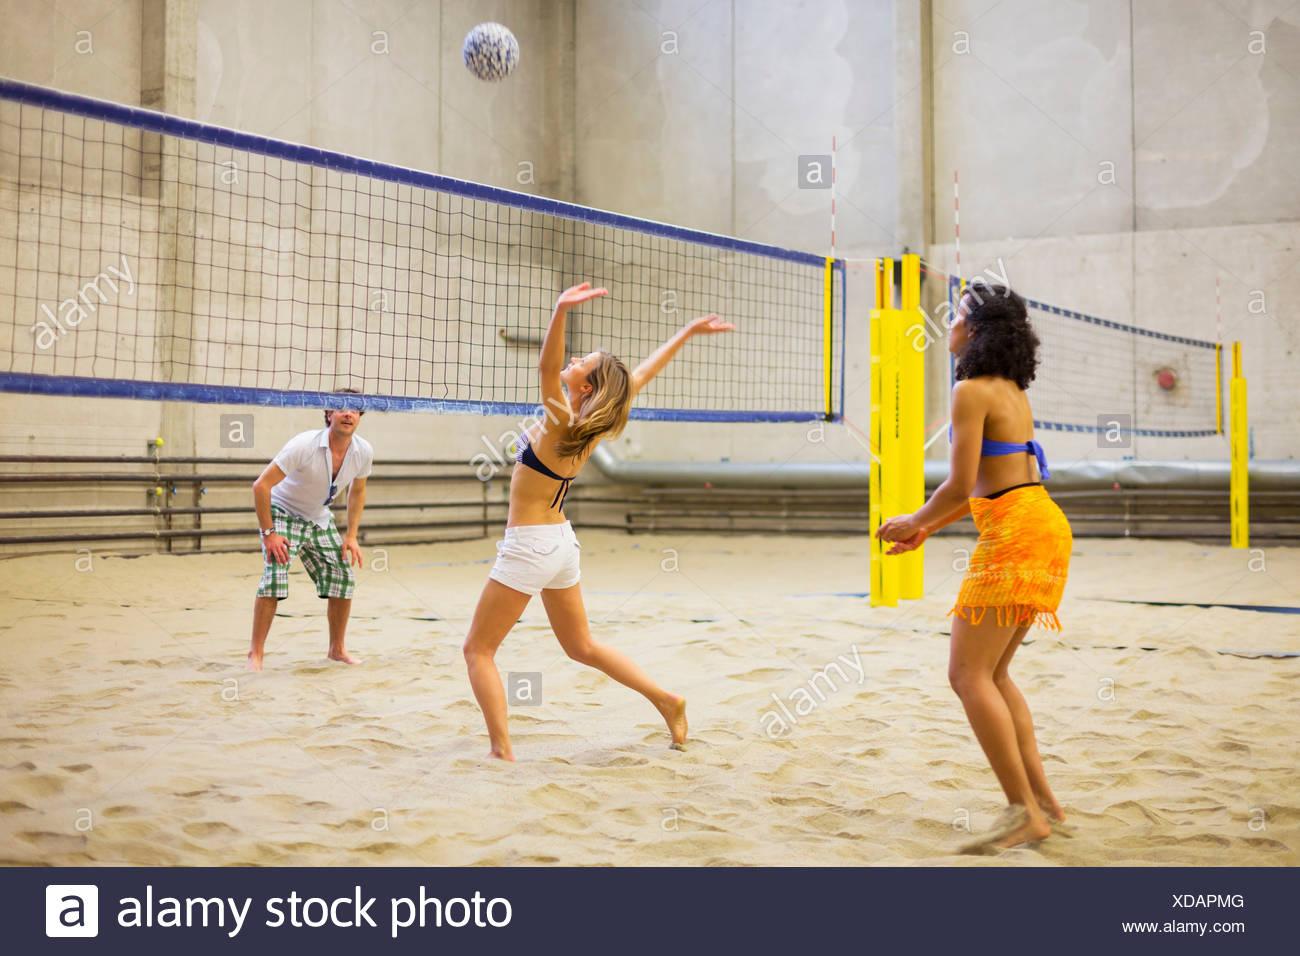 Amigos jugando voleibol de playa interiores Imagen De Stock